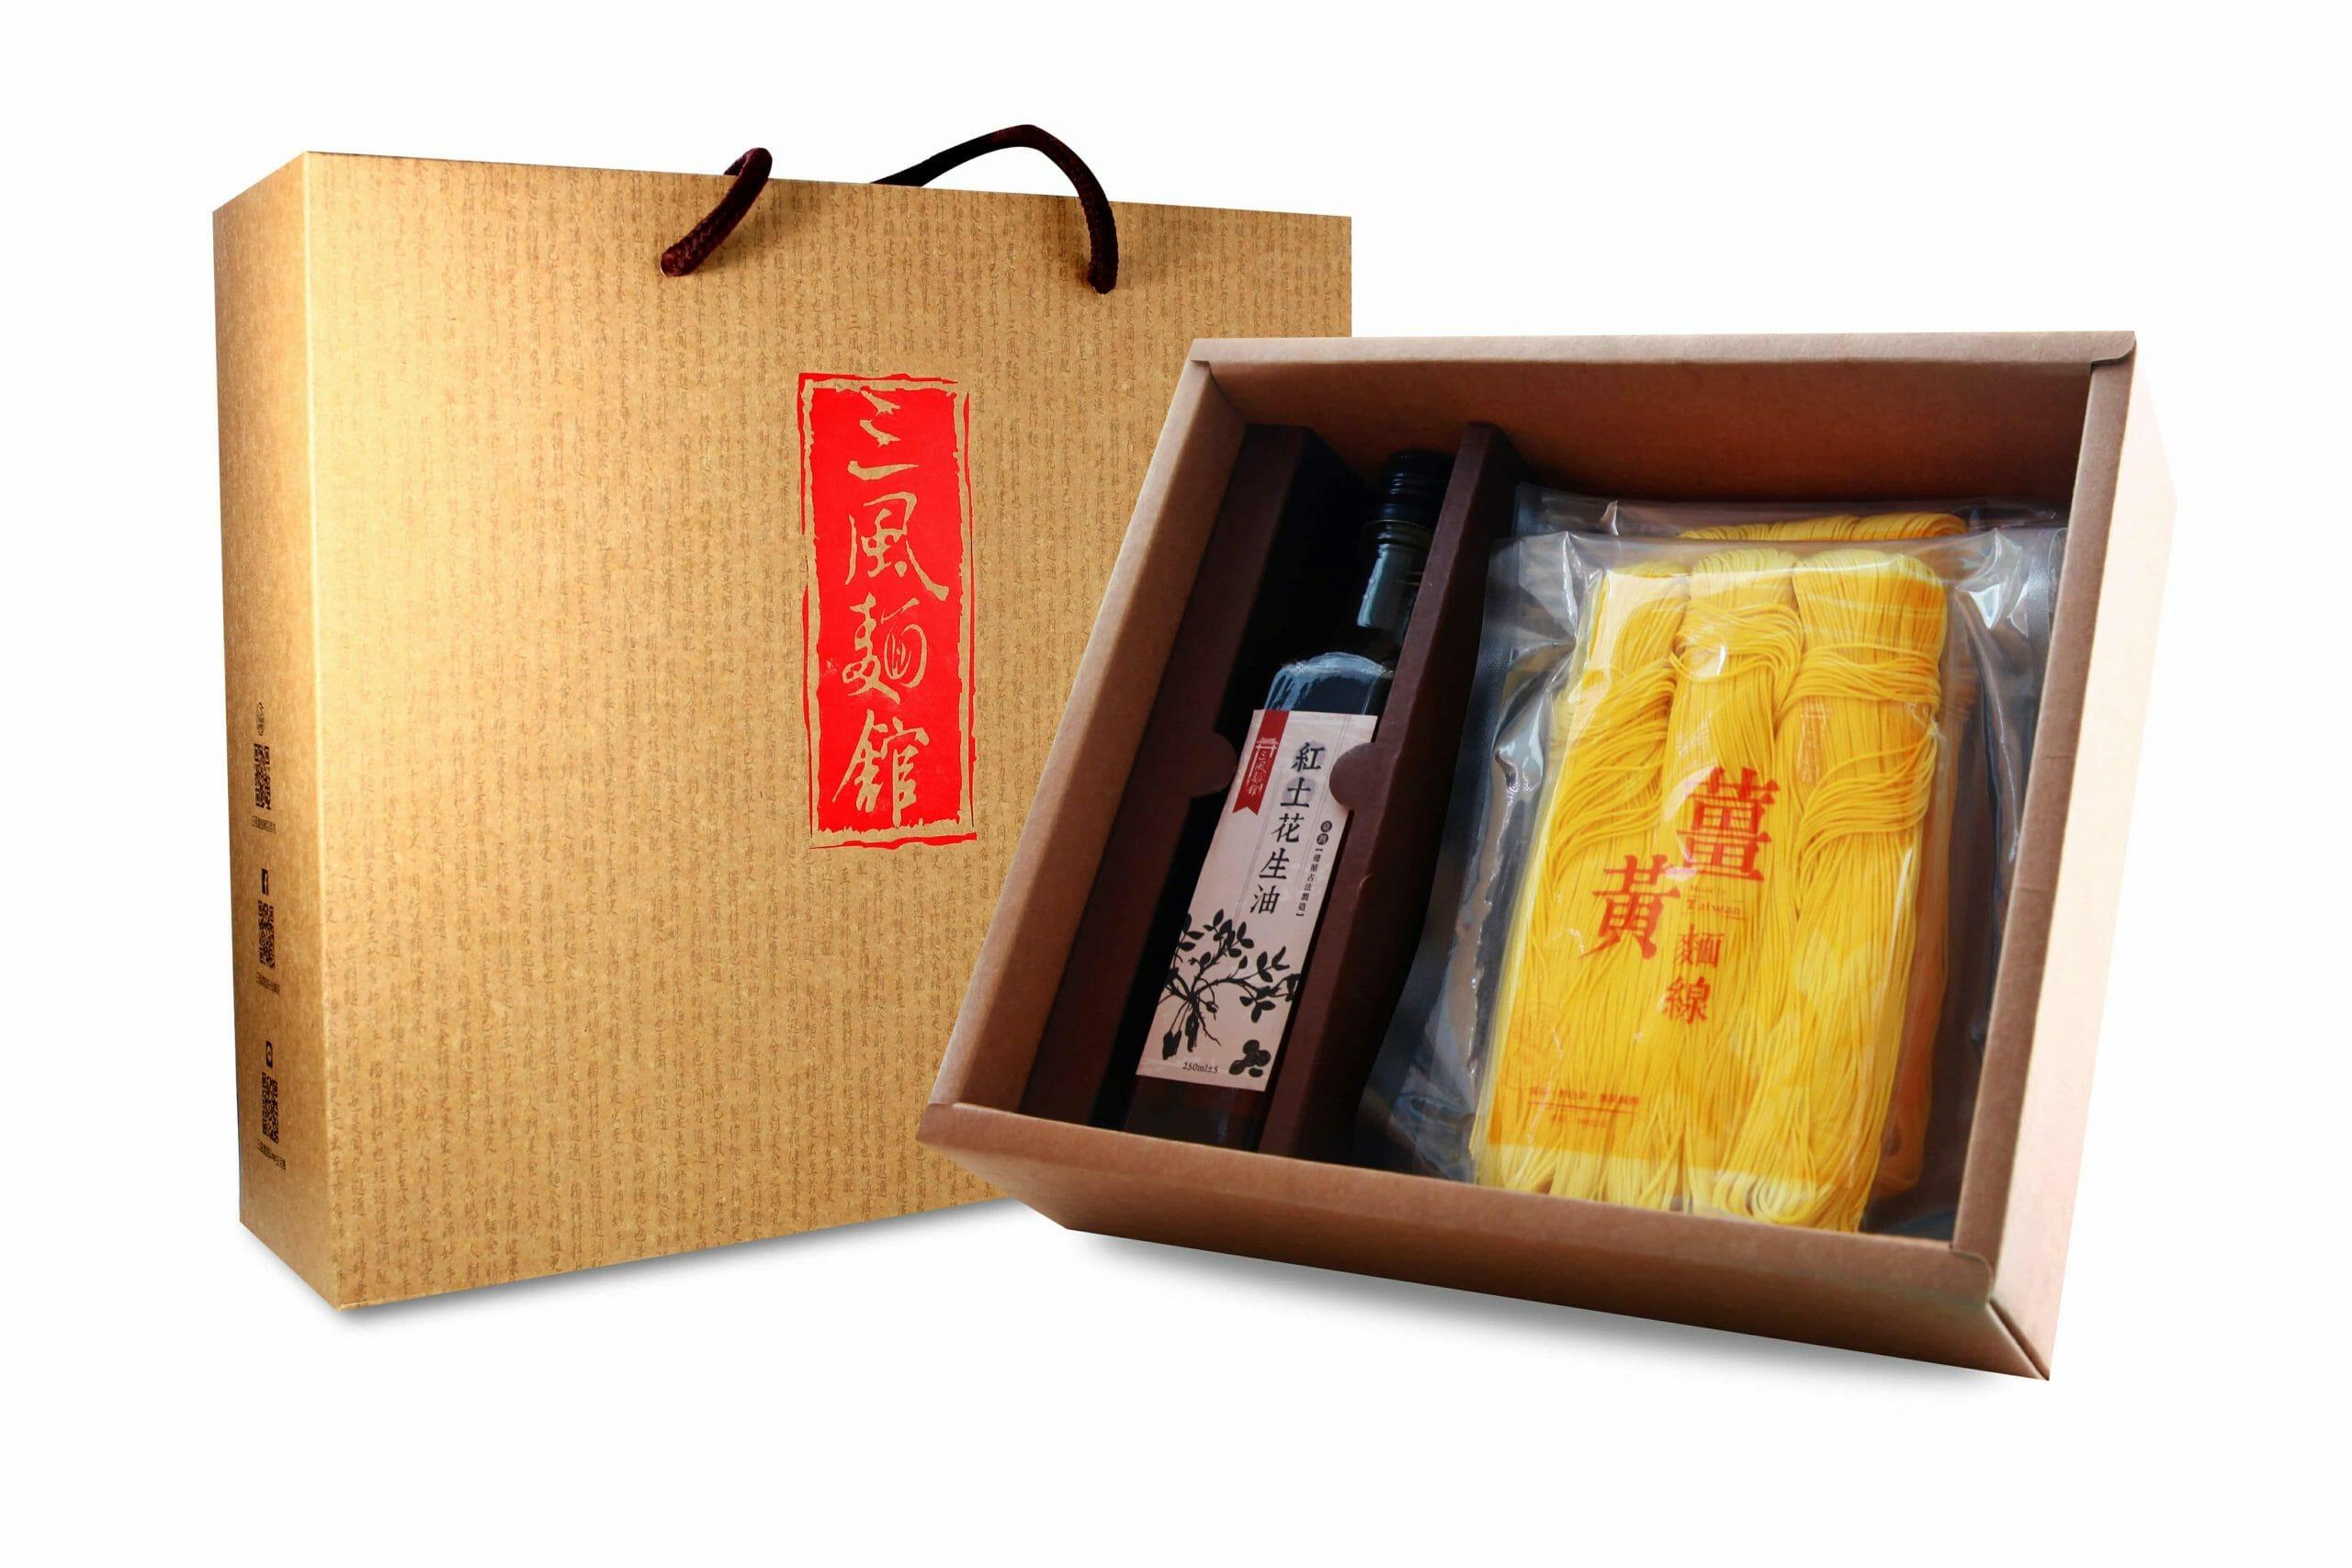 客製化麵禮盒,養生麵條到特殊口味麵線,送禮送出好人緣! - 2